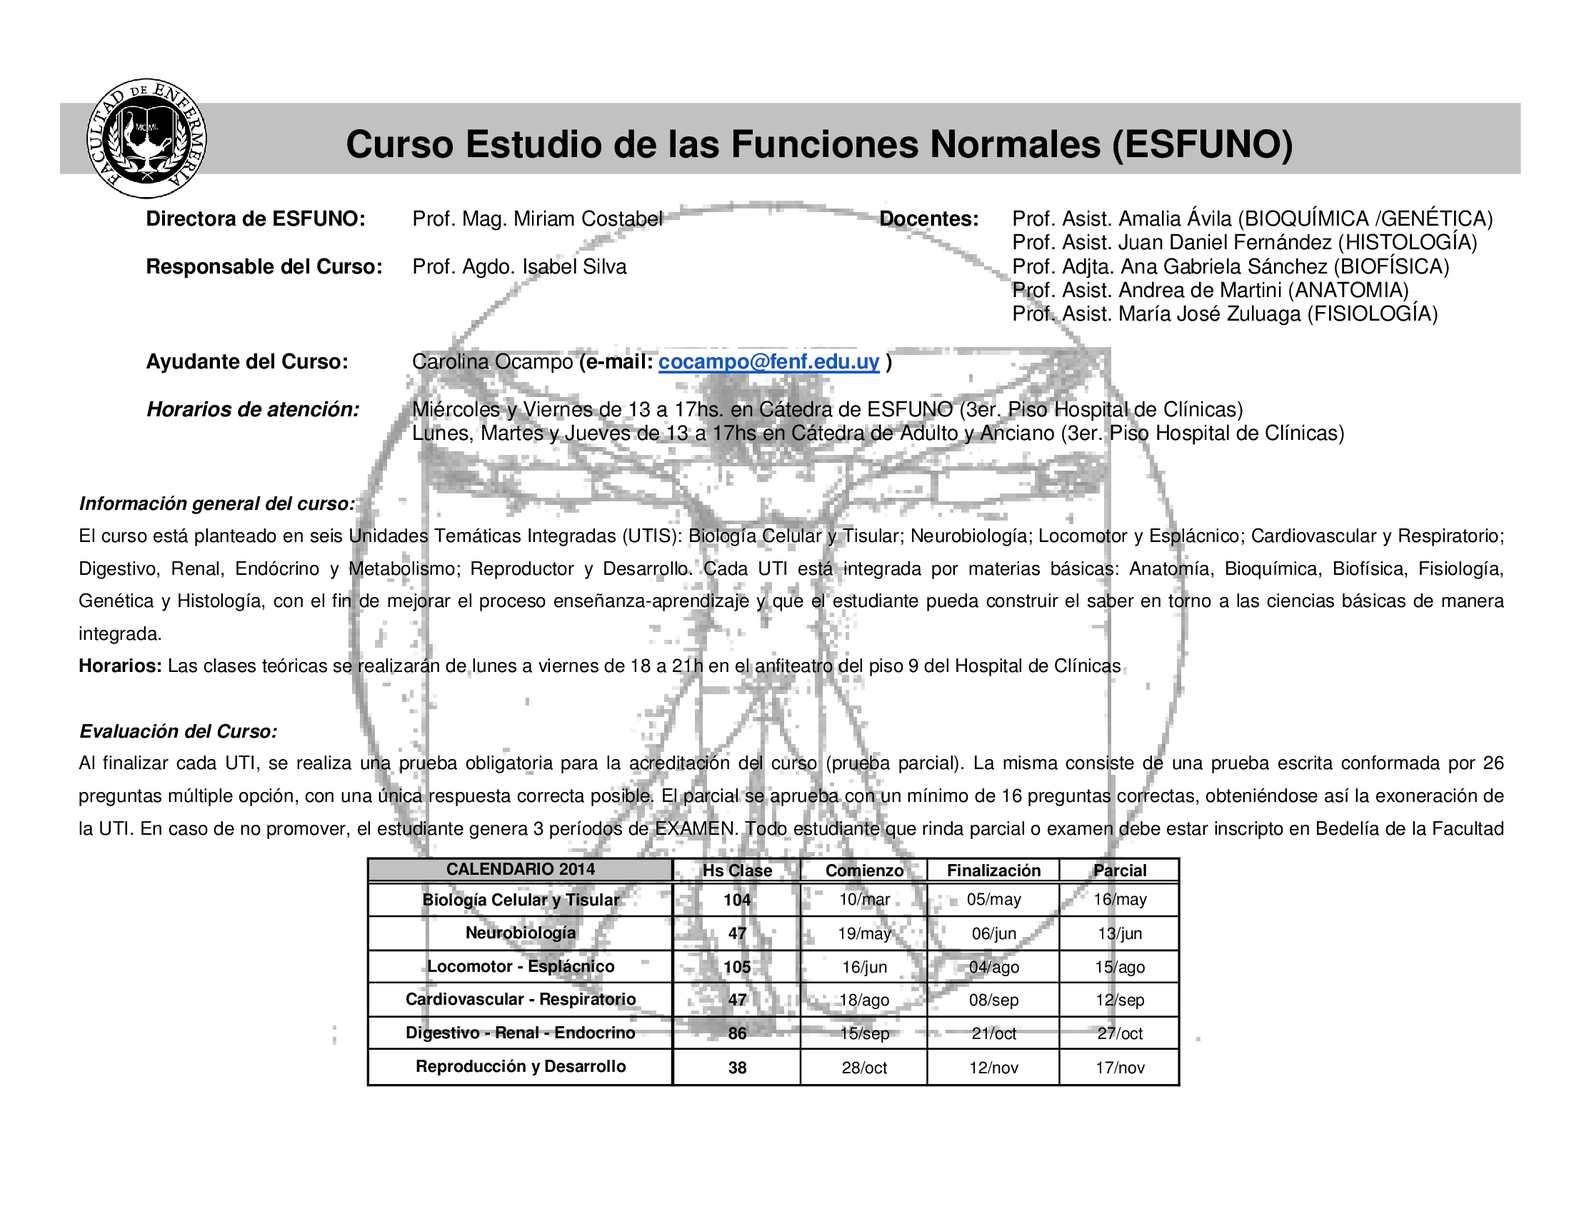 Calaméo - Cronograma ESFUNO-Profesionalización